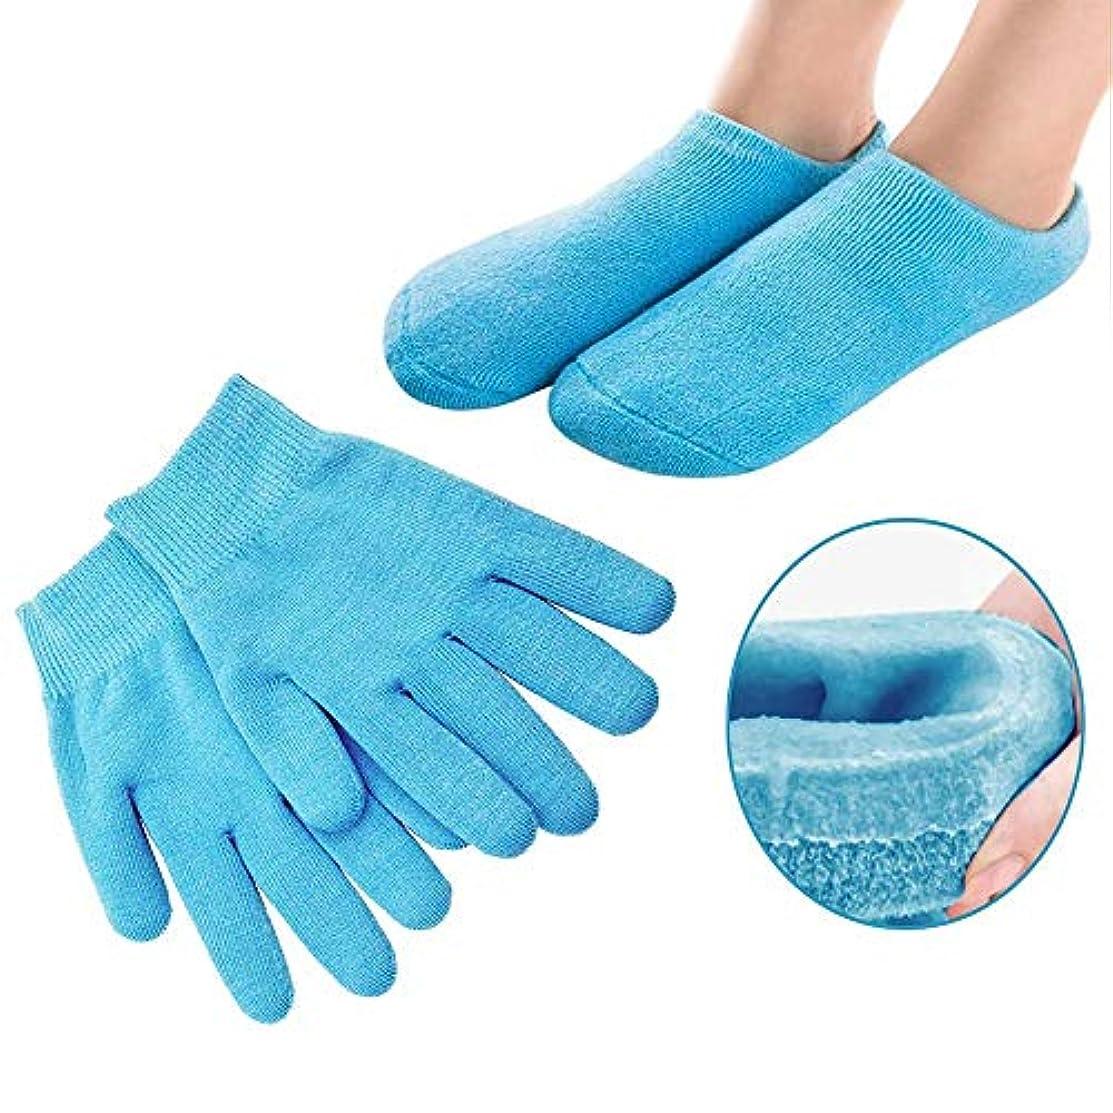 好意照らす定規Pinkiou 眠る森のSPAジェルグローブ+SPAジェルソックス 手アグローブ フットケアソックス 角質取り 保湿 かかとケア オープントゥ 素肌美人 靴下と手袋セット いいお肌になりましょう(ブルー)